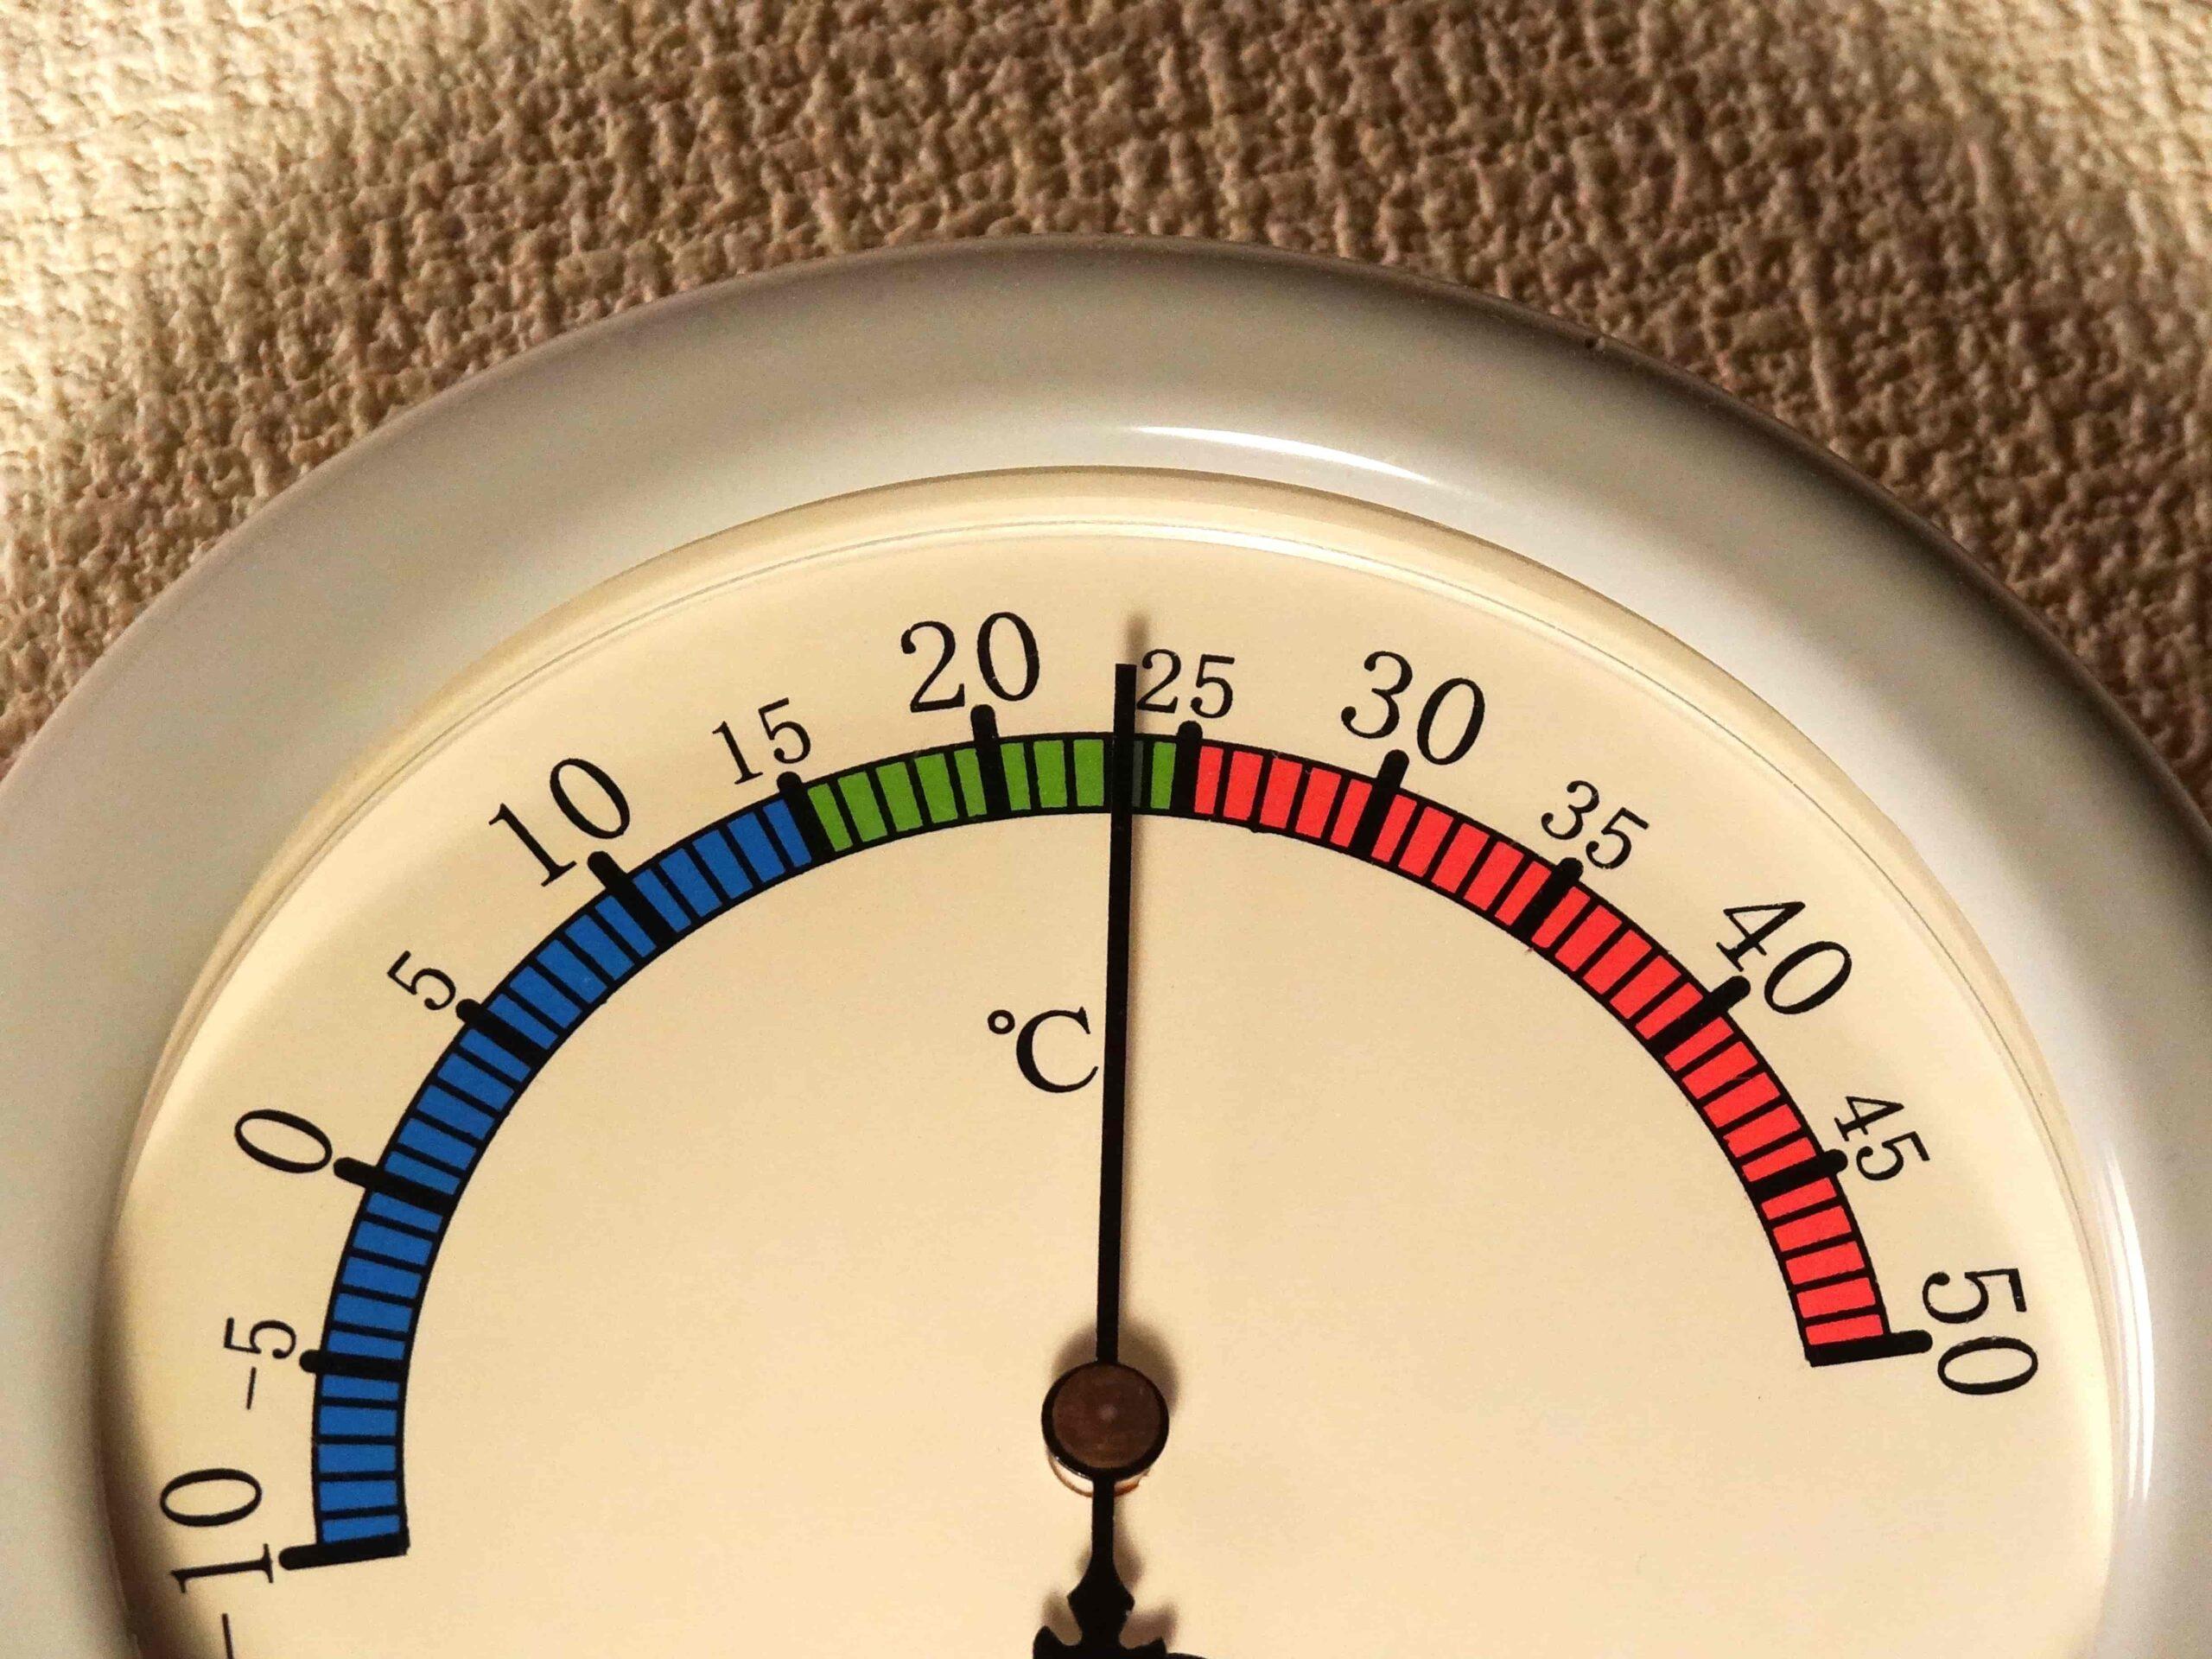 高機能換気設備は換気機能の向上以外にも室温を保つ事で得られる効果がある